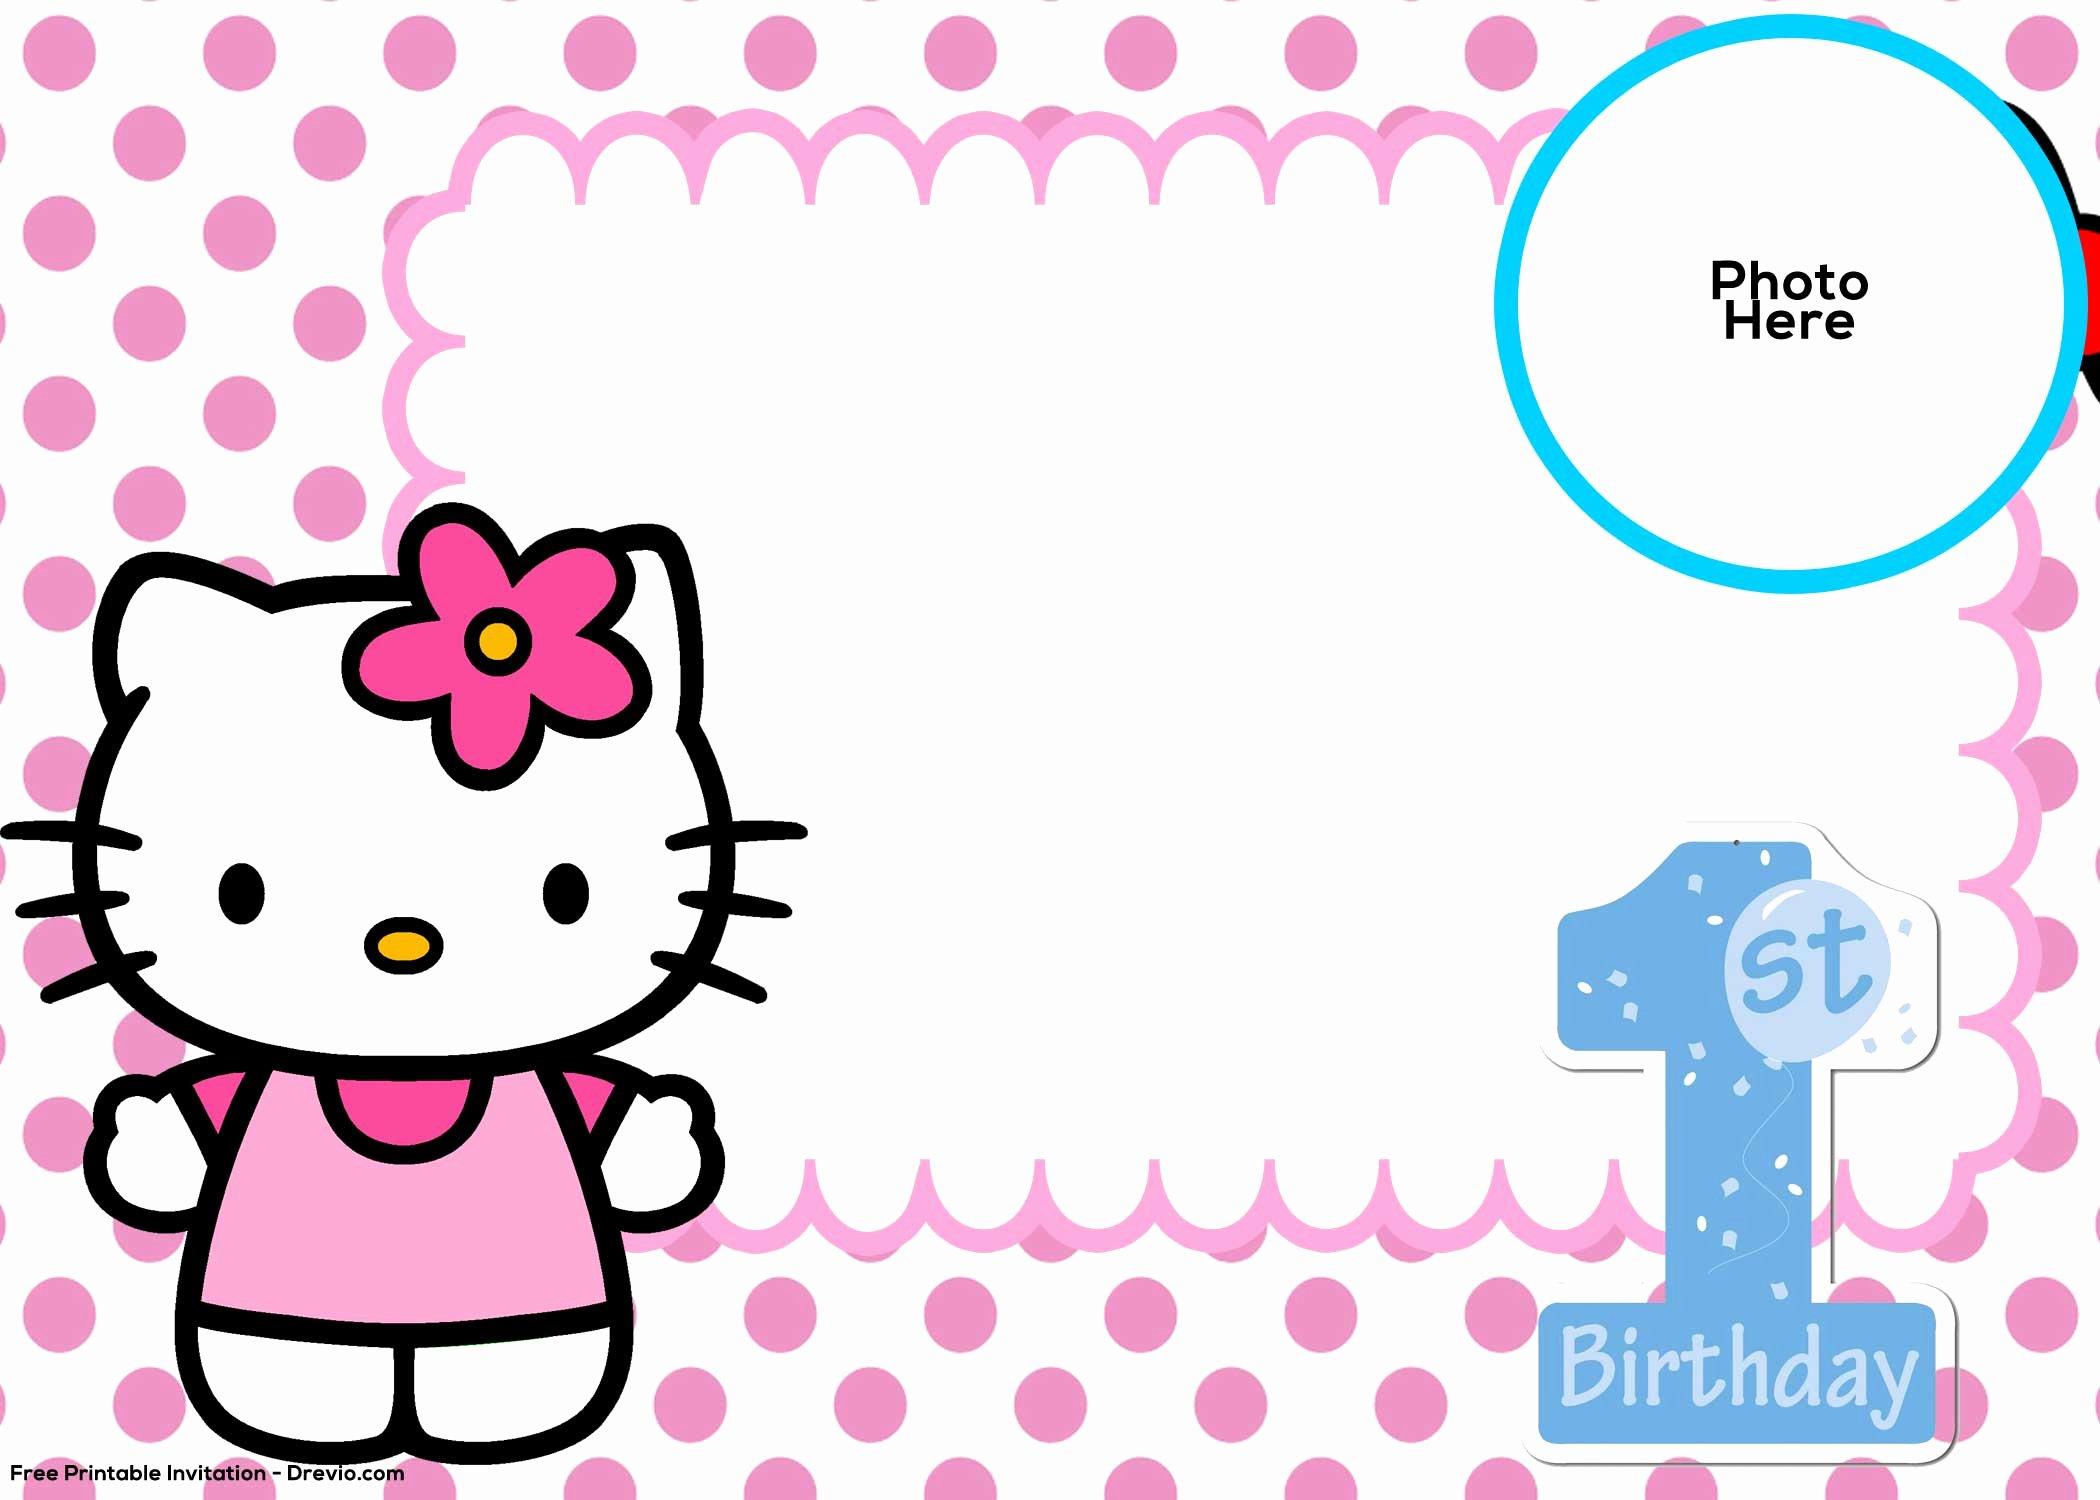 Hello Kitty 1st Birthday Invitations Elegant Free Hello Kitty 1st Birthday Invitation Template